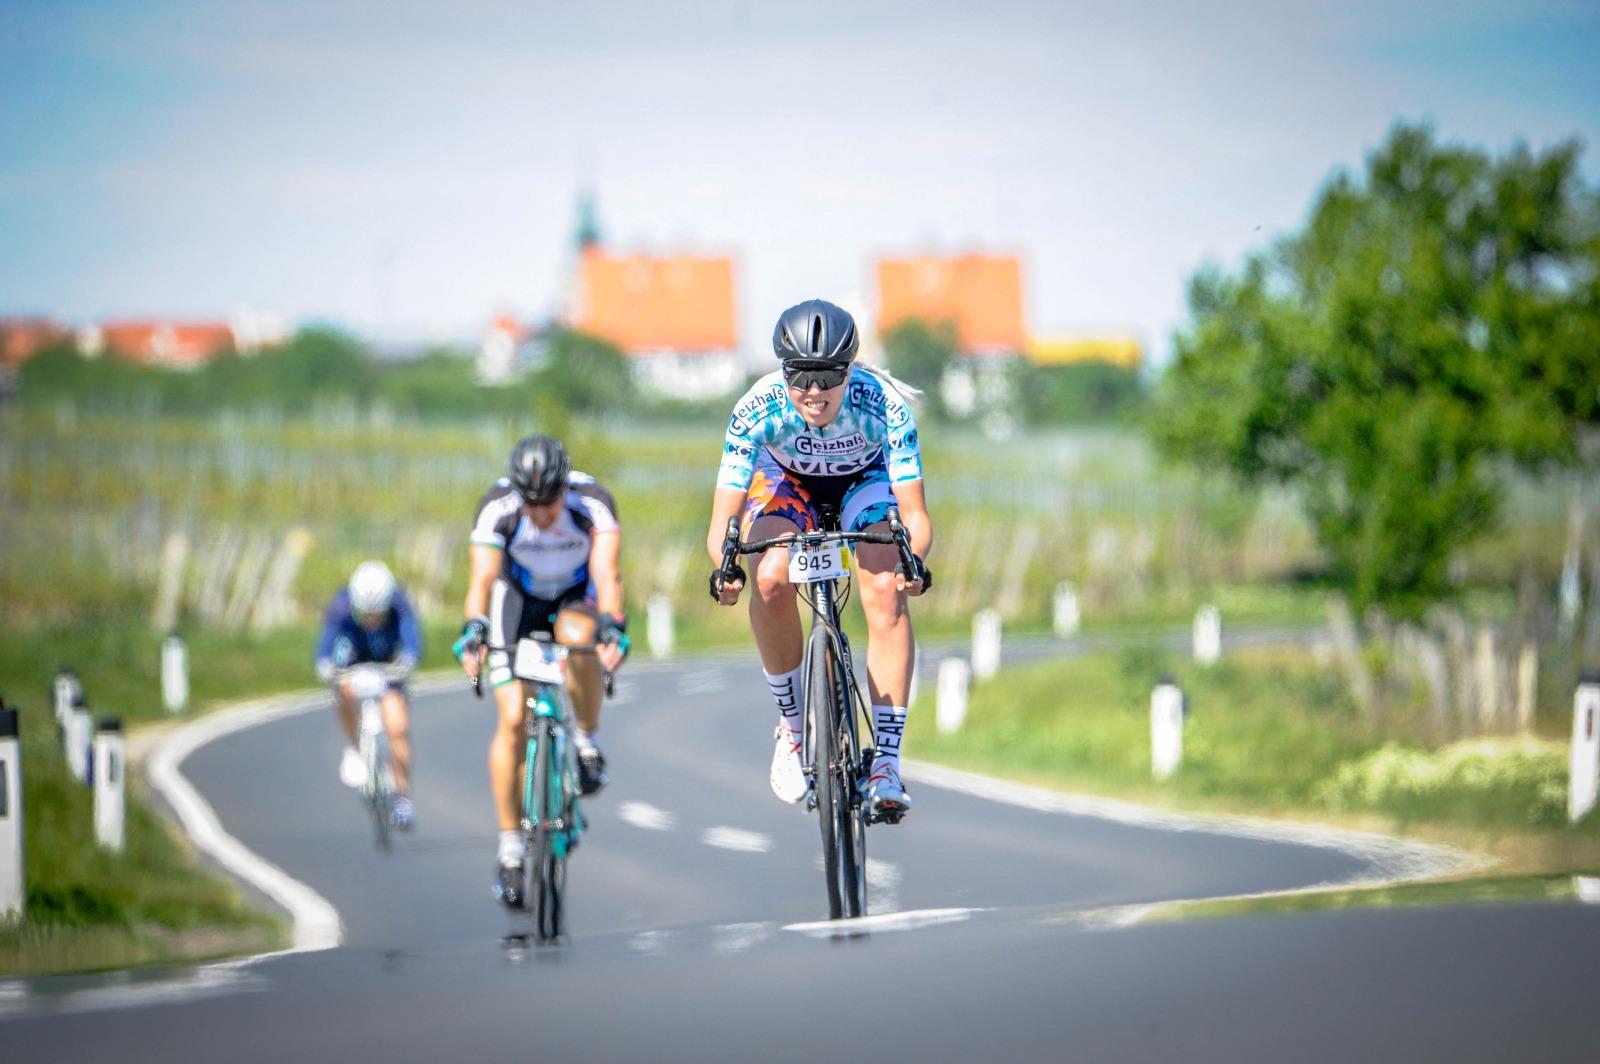 Foto: Sportphoto